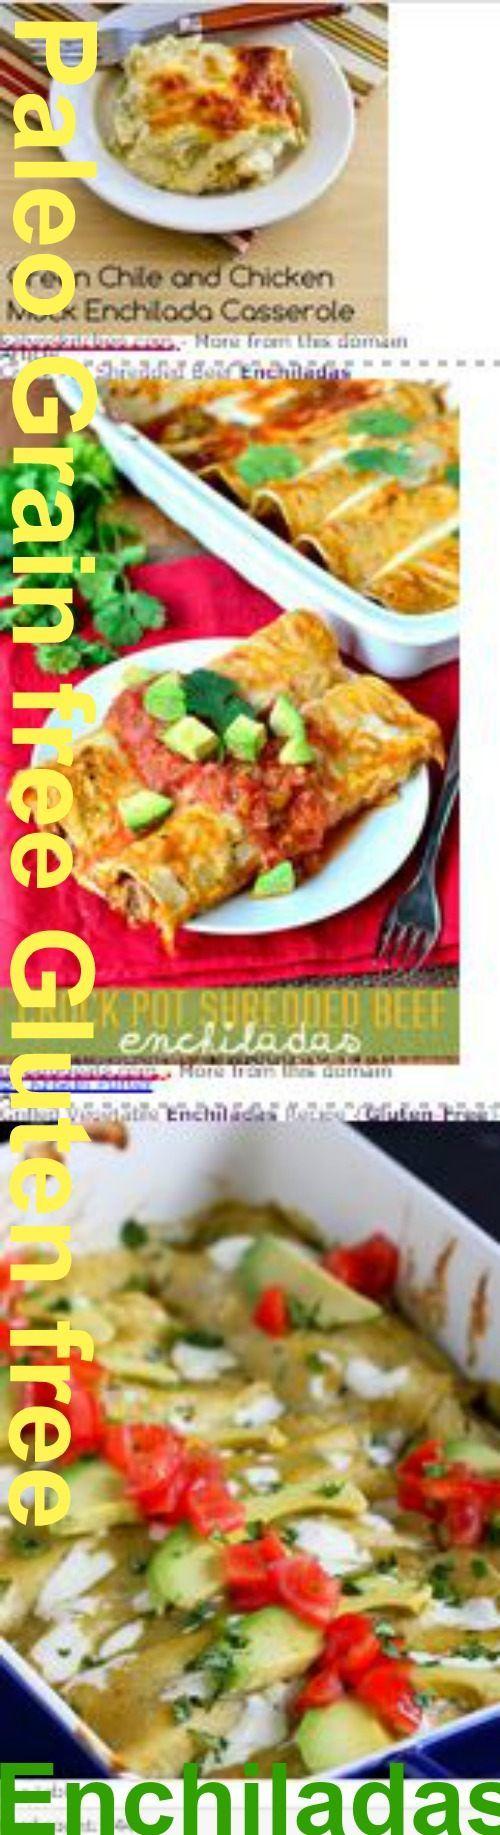 paleo-grain-free-gluten-free-enchiladas-most-popular Paleo Grain free Gluten free Enchiladas - Most Popular